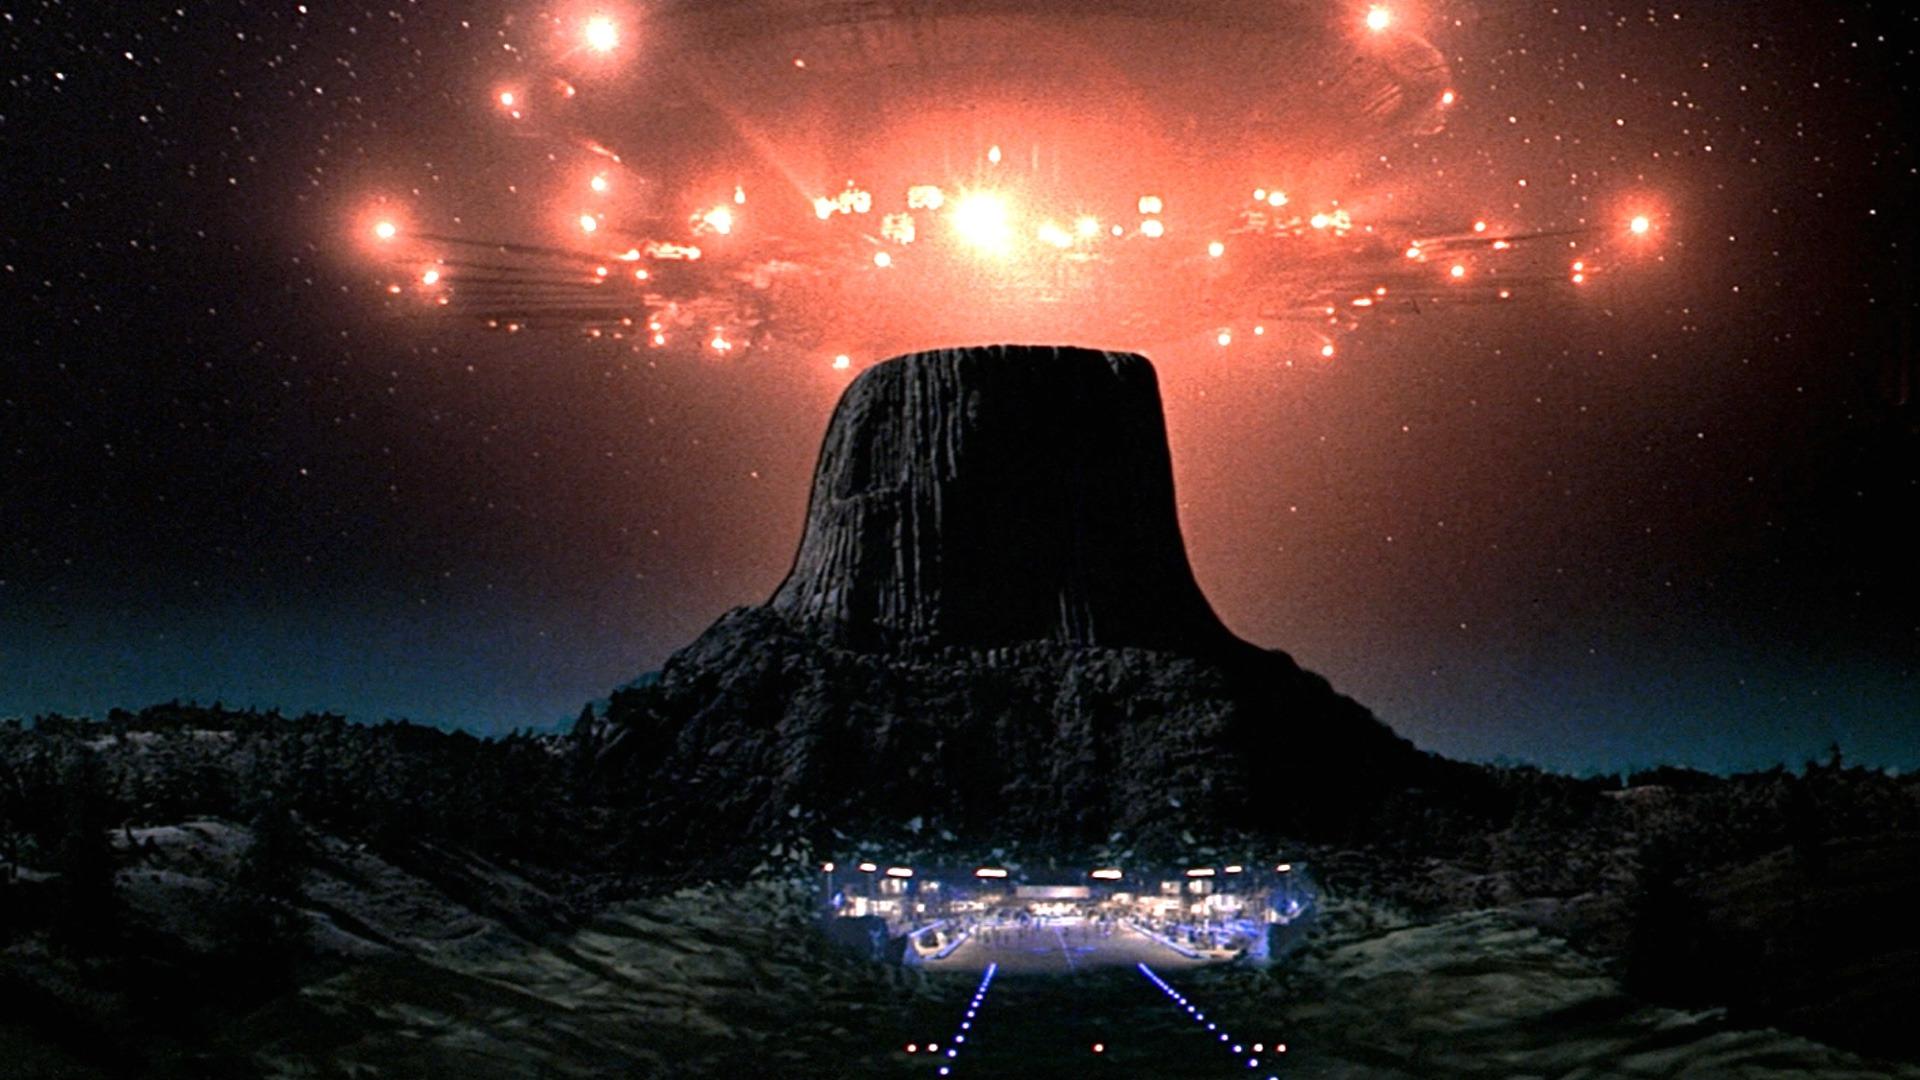 """ترس کهکشانی در """"برخورد نزدیک"""" از نوع سوم"""